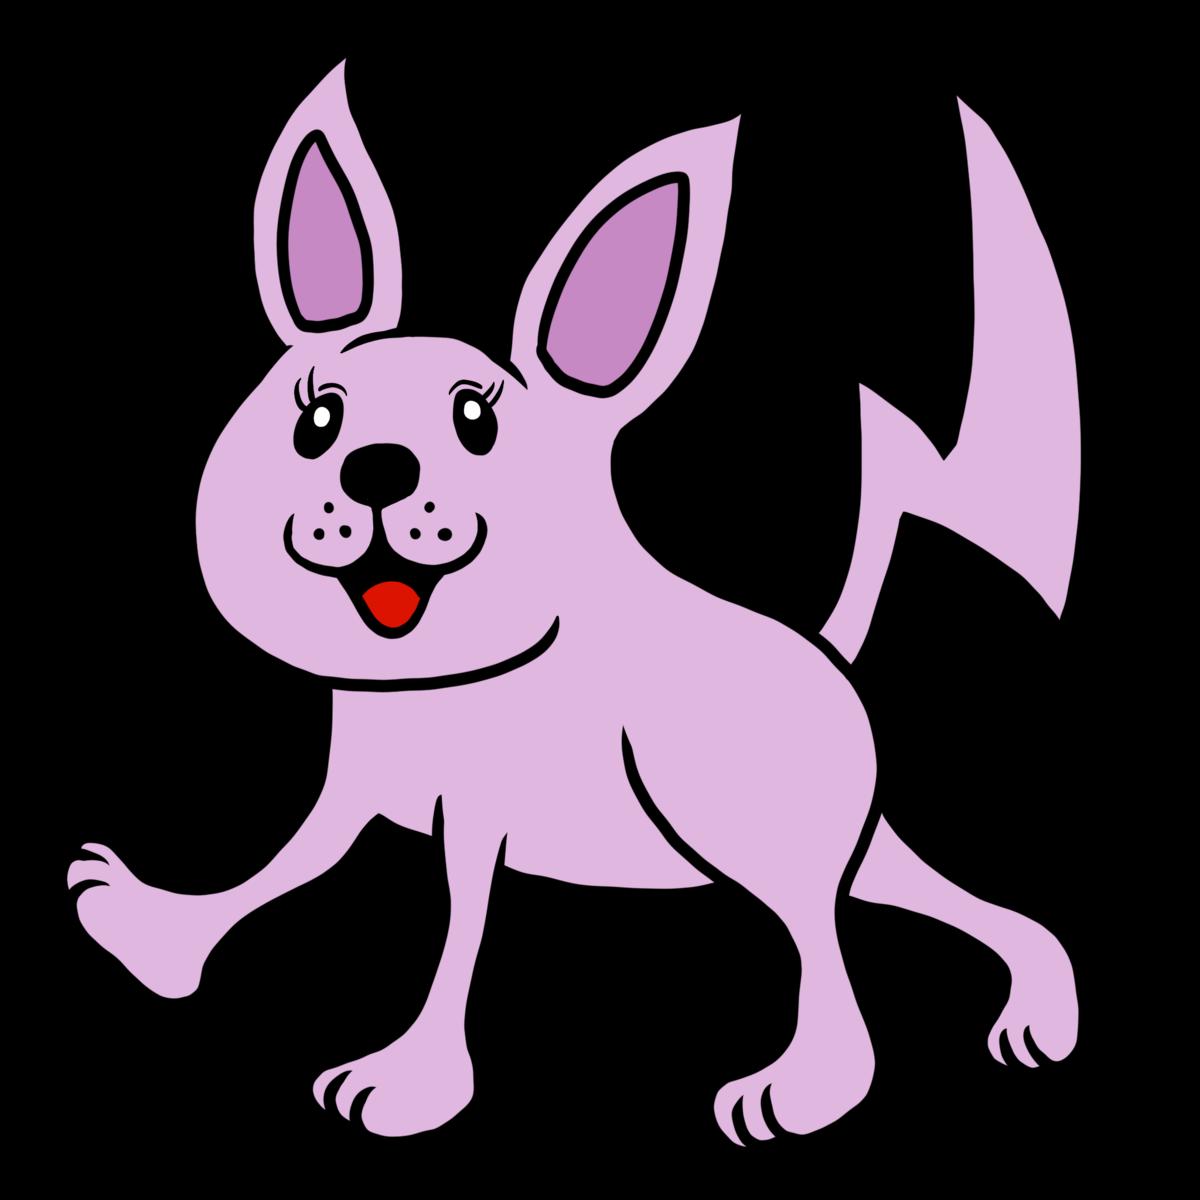 紫色のかわいいネズミのような猫のイラスト